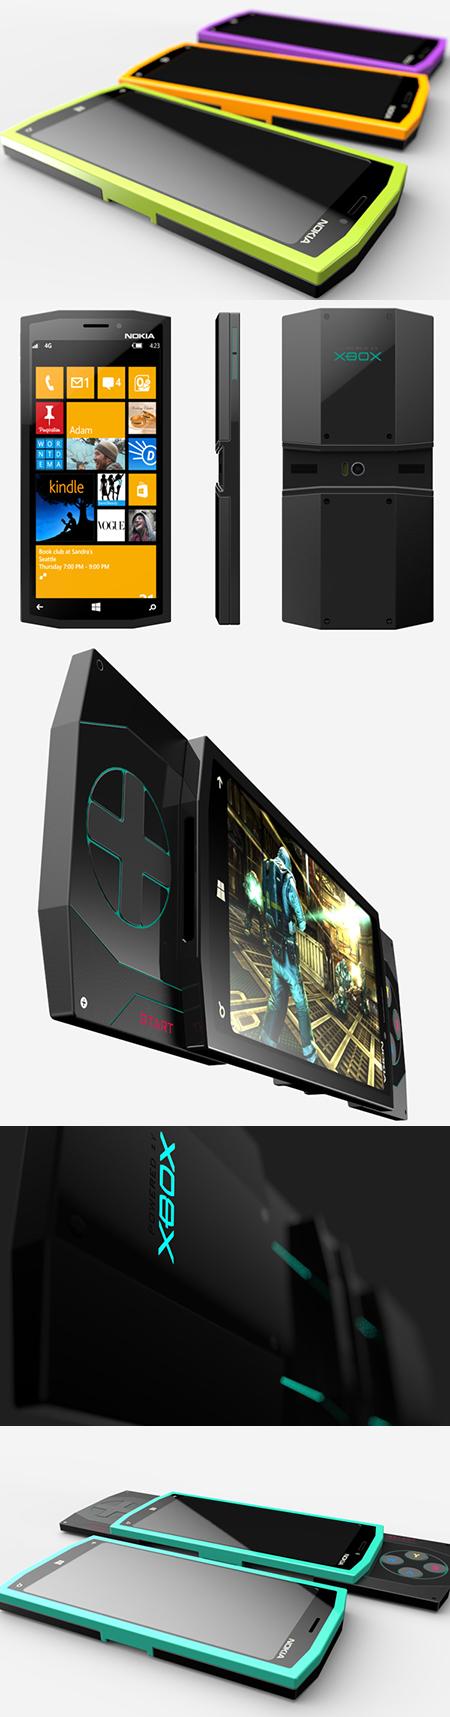 Si Nokia en partenariat avec Microsoft pour un téléphone de la Xbox, c'est ce qu'il ' d Look Like